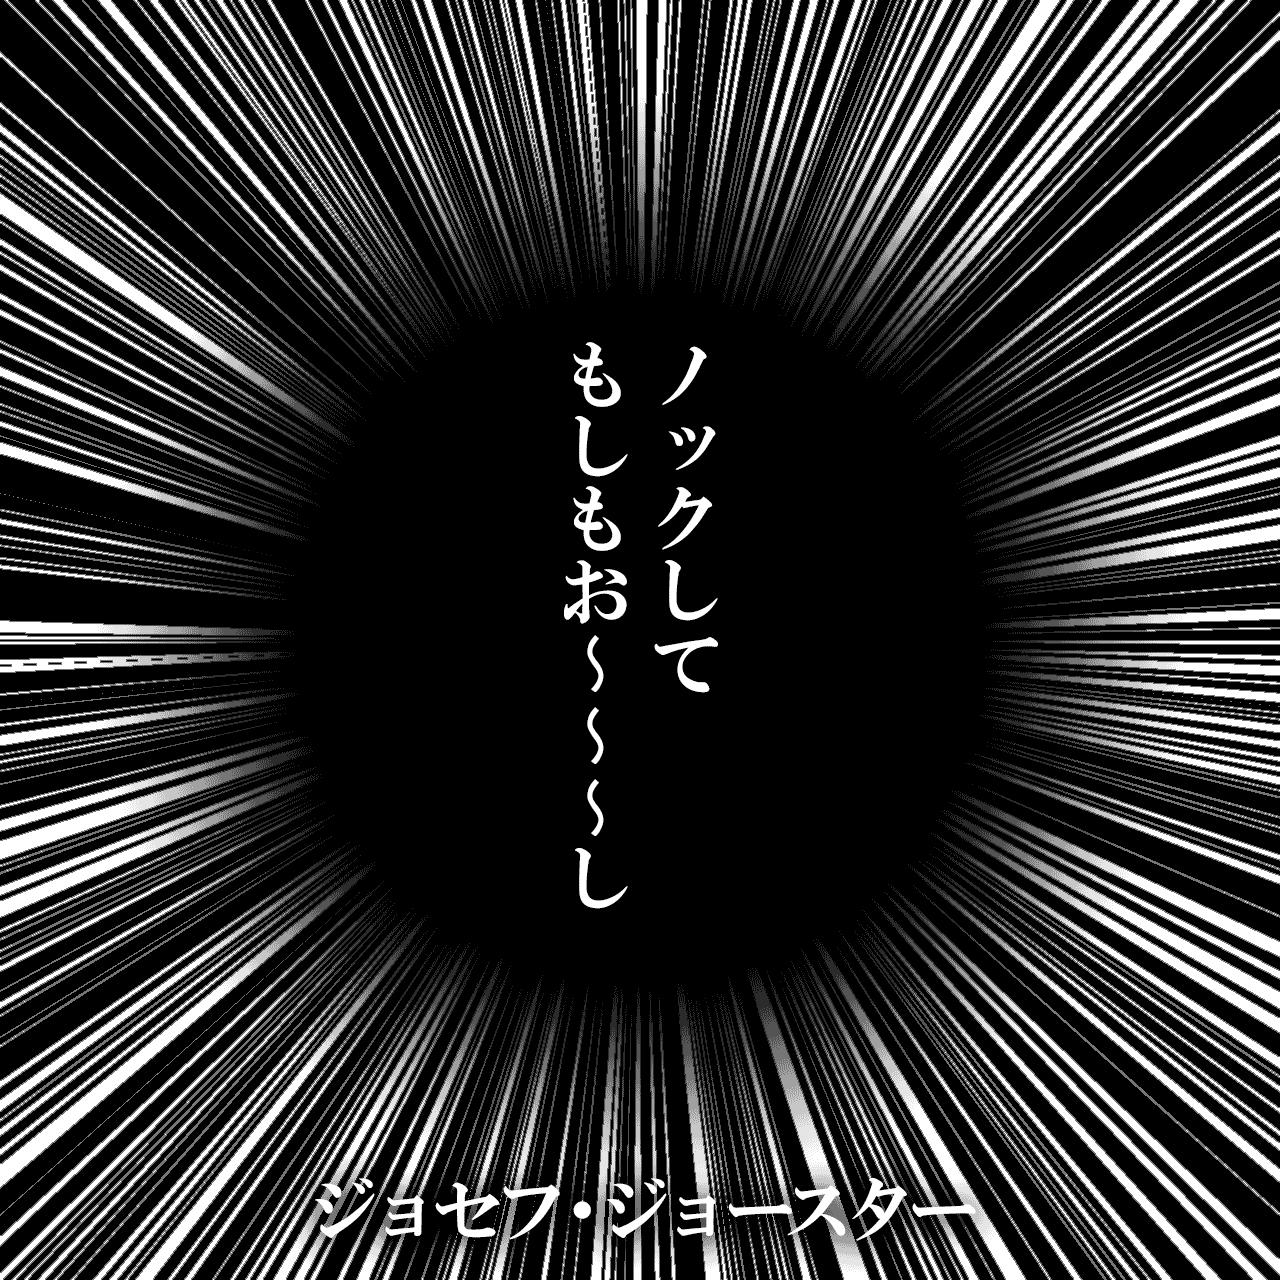 ノックしてもしもお〜〜〜し(引用元:ジョジョの奇妙な冒険 Part2 戦闘潮流 『柱の男』より)